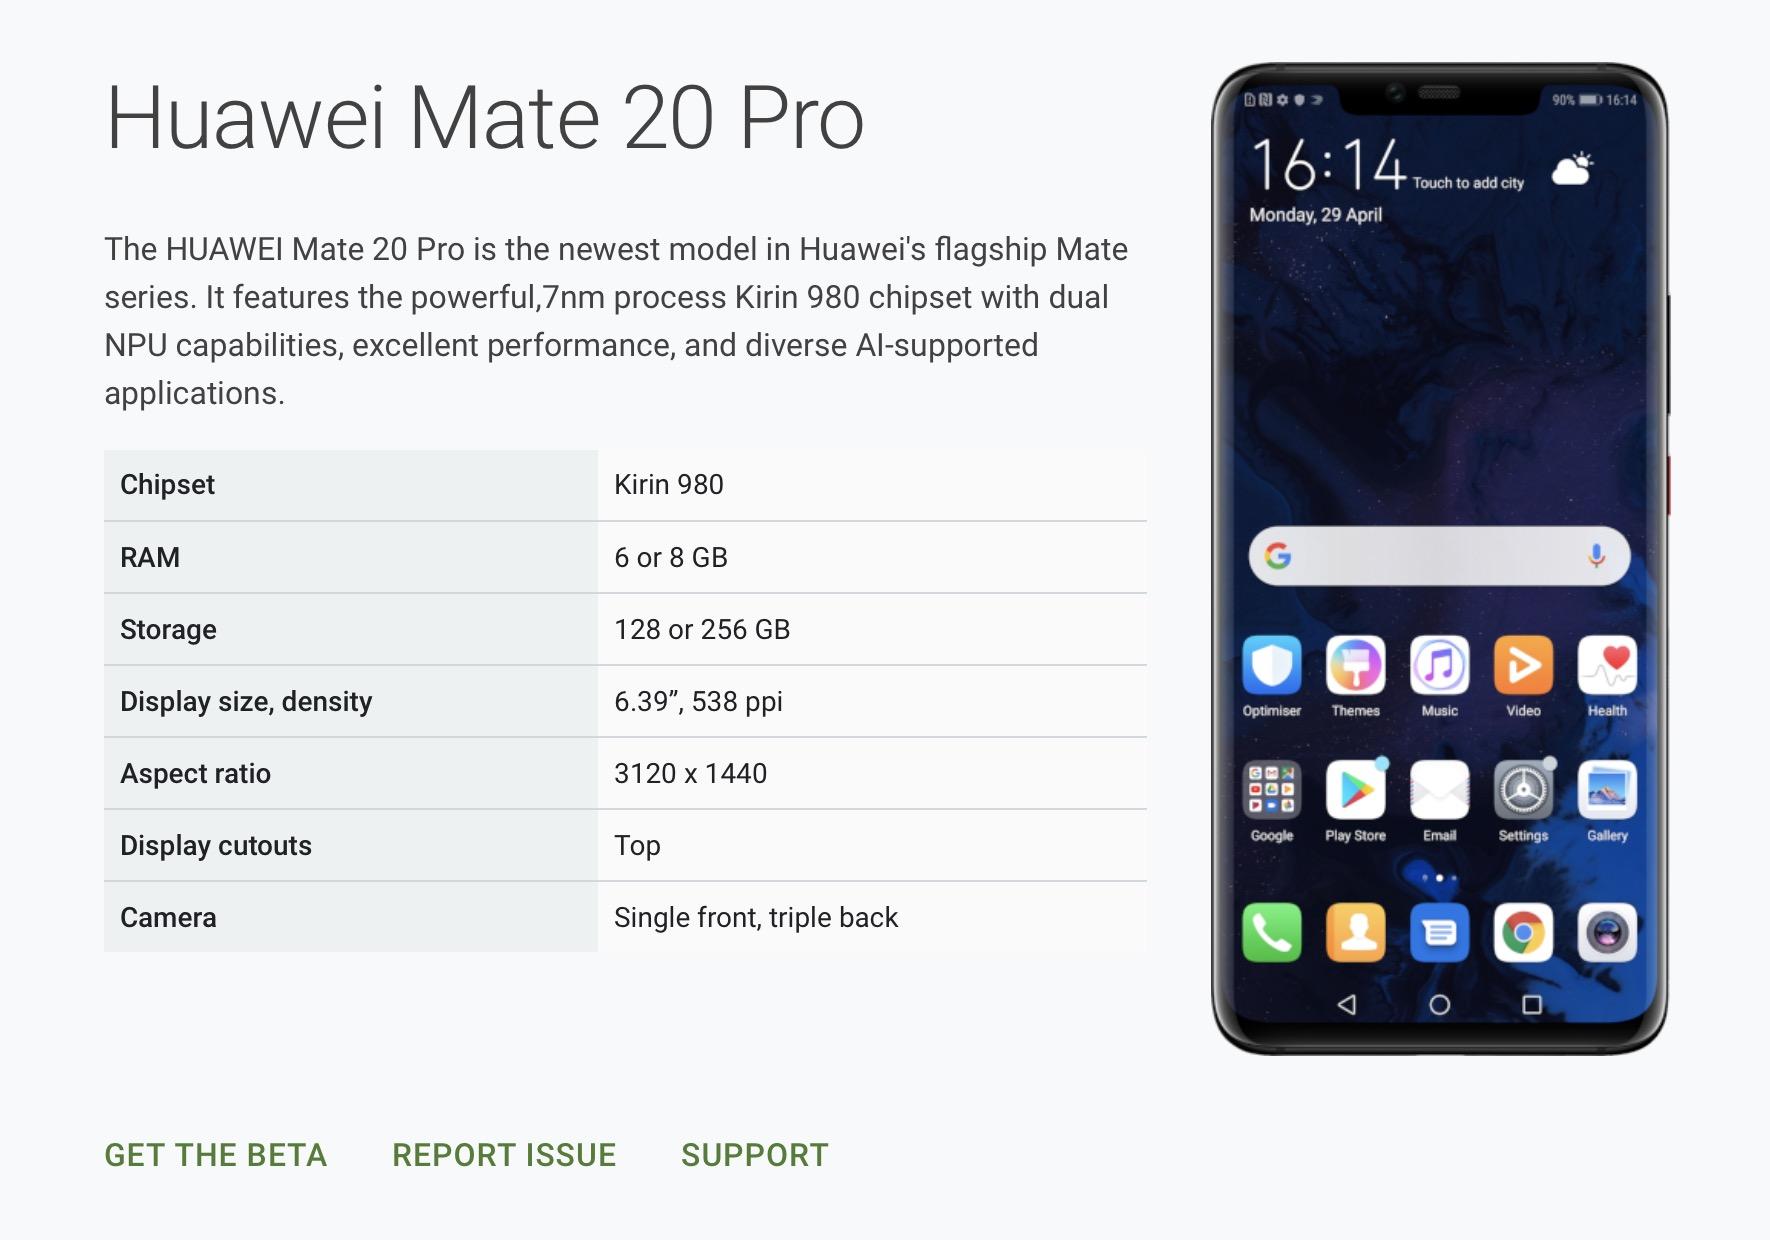 Segnali positivi per Huawei, Mate 20 Pro riceve Android Q, riammessa nei consorzi SD e Wi-Fi